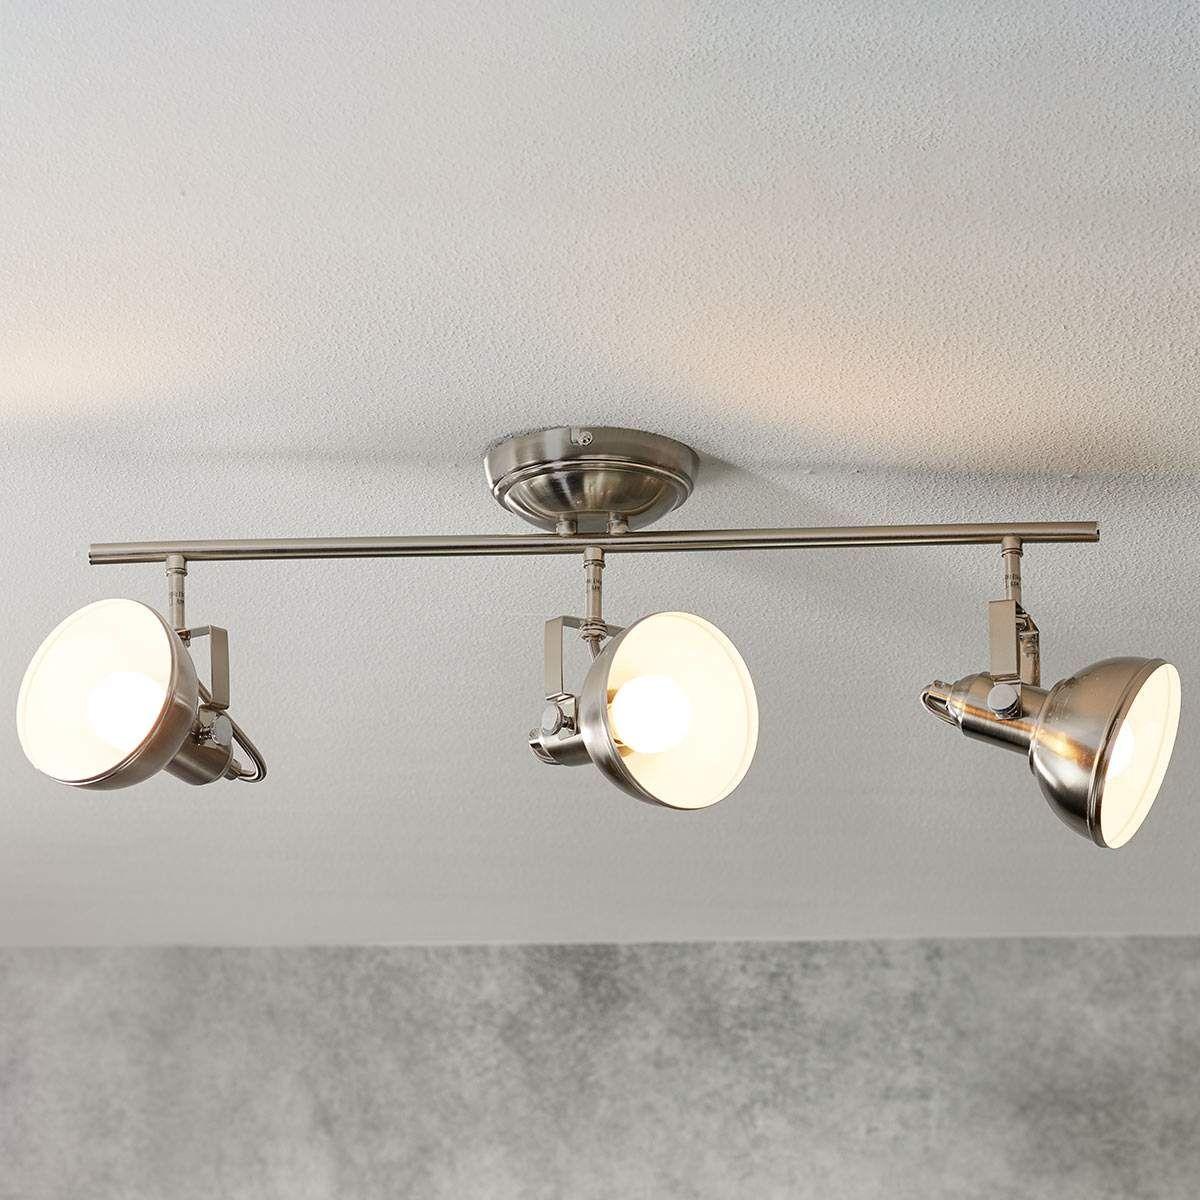 3 Flammige Deckenleuchte Gina Industrie Look Beleuchtung Decke Deckenlampe Lampe